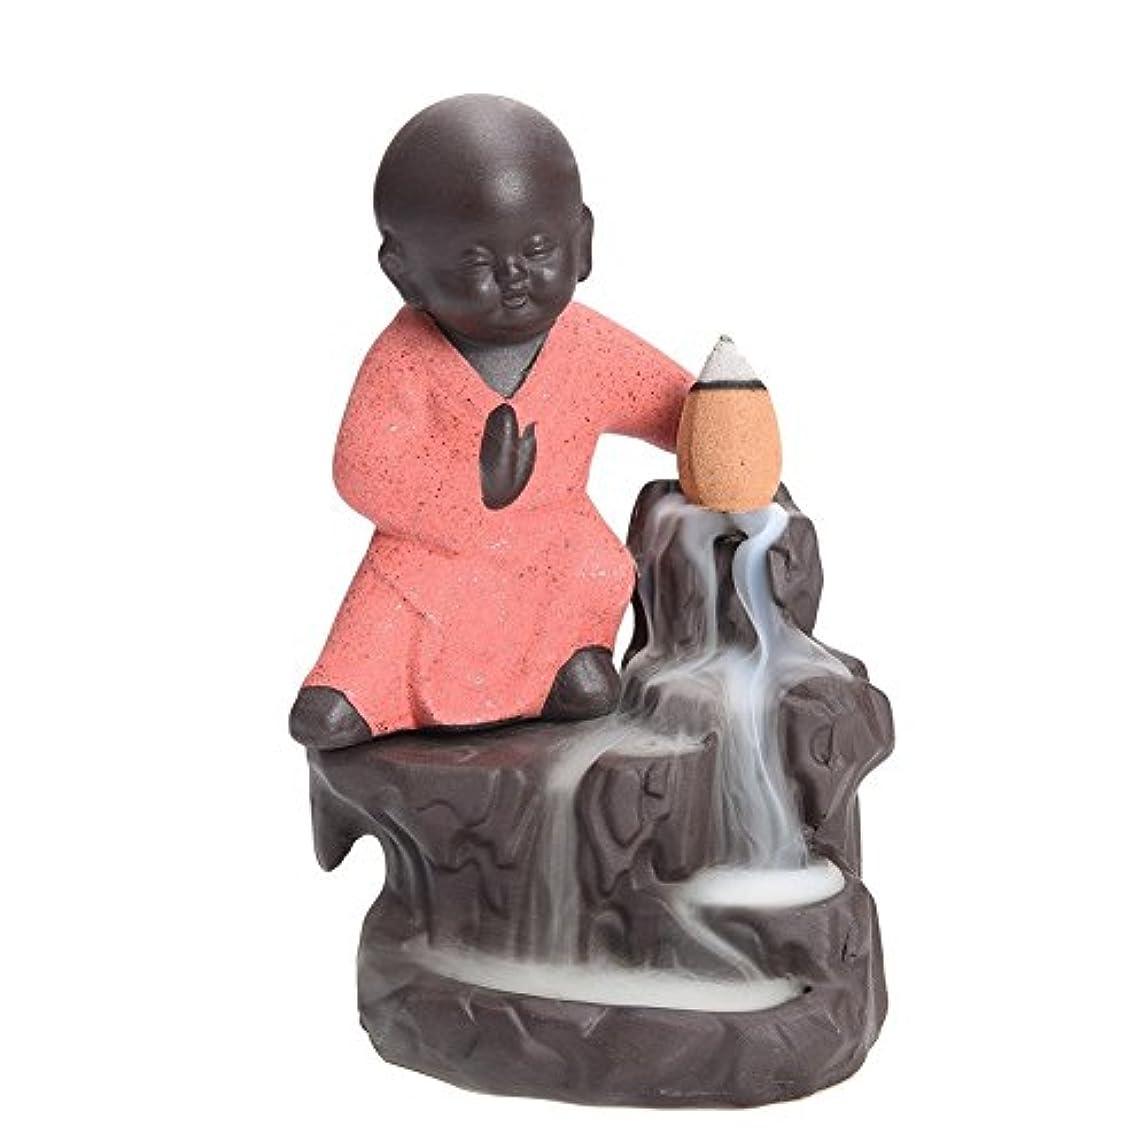 要塞脇に貨物逆流香炉タワーCones Sticks Little Monkホルダーセラミック磁器Buddha Monk AshキャッチャーbySimon & # xff08 ;ピンク& # xff09 ;